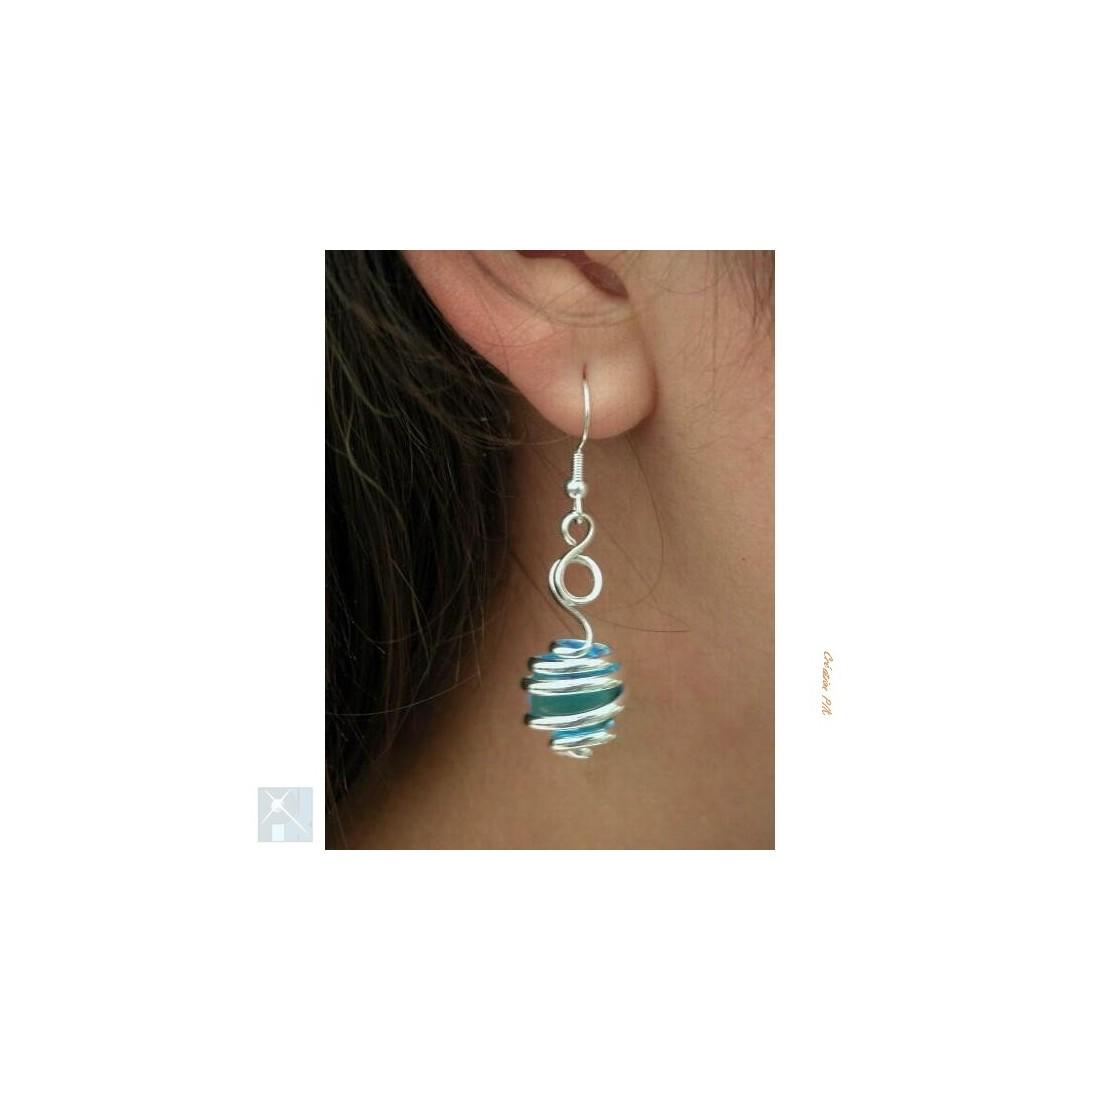 Boucles d'oreilles fantaisie argent et bleue claire.